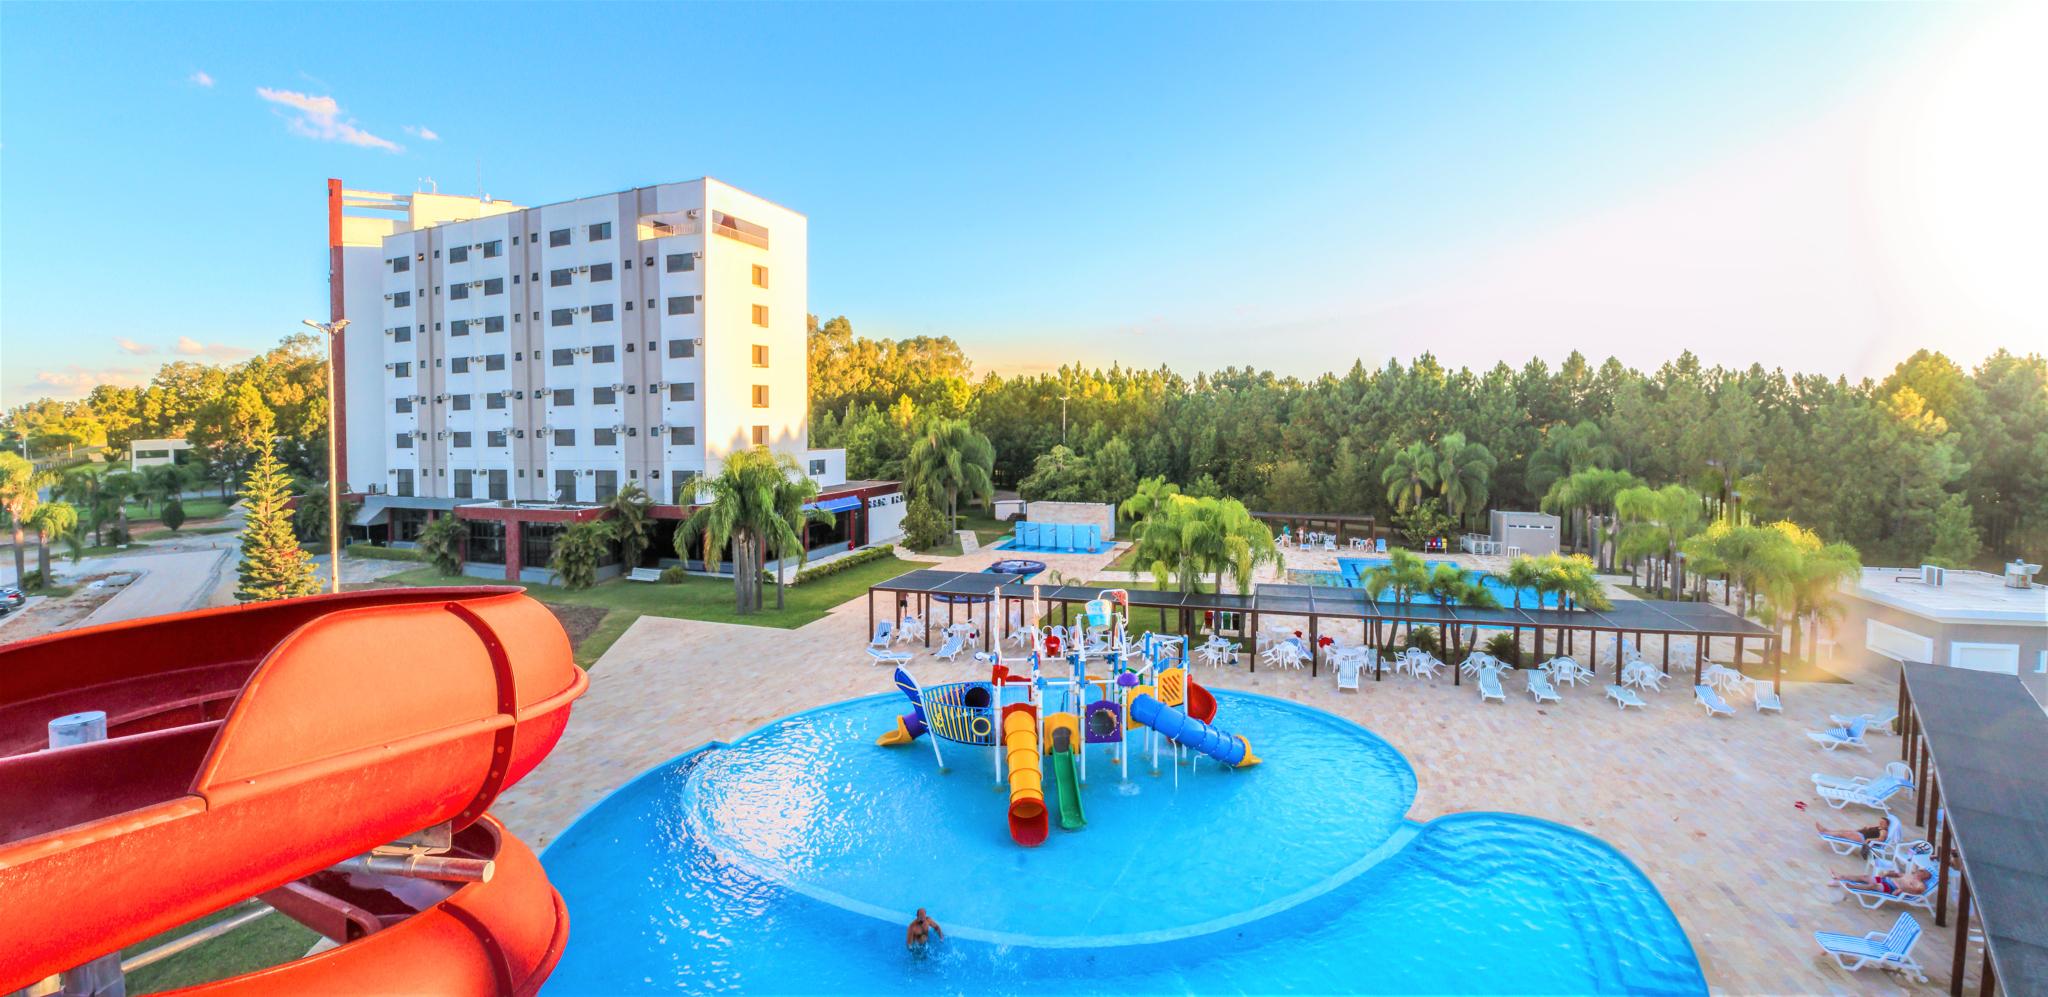 Hotel_San_Isidro_-_São_Gabriel_(1)